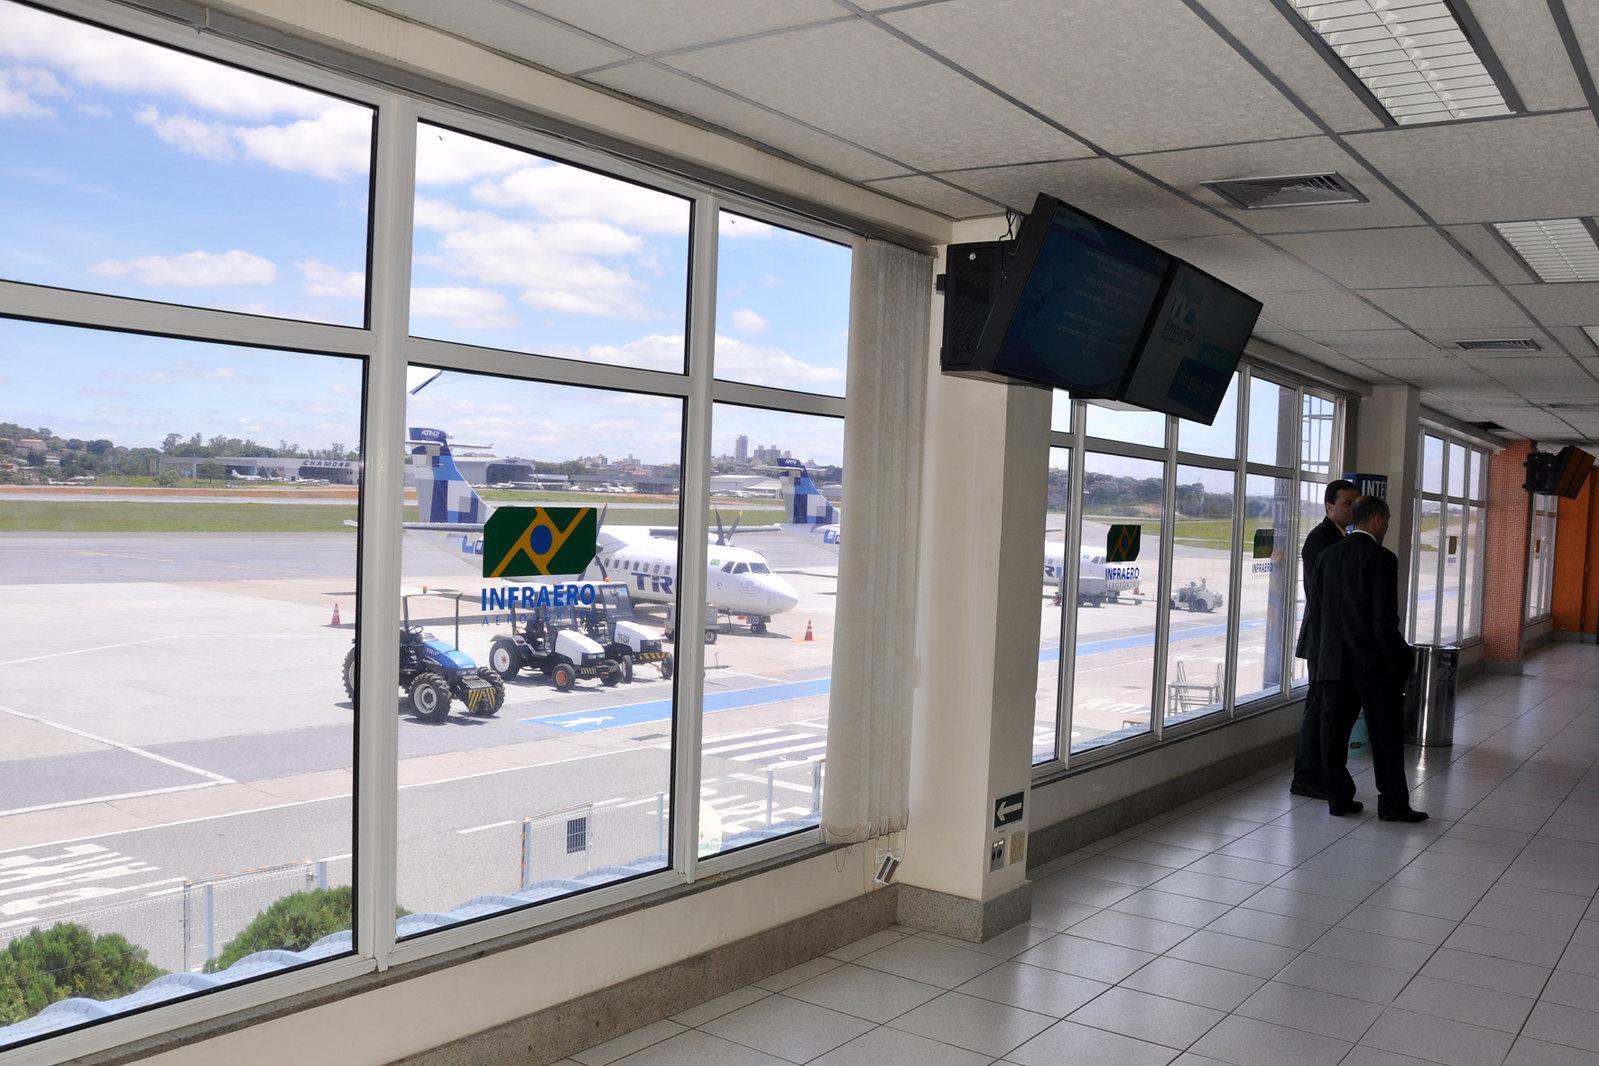 Visita às obras do Aeroporto Internacional Tancredo Neves, Confins/MG e Aeroporto Carlos Drummont de Andrade, Pampulha-MG